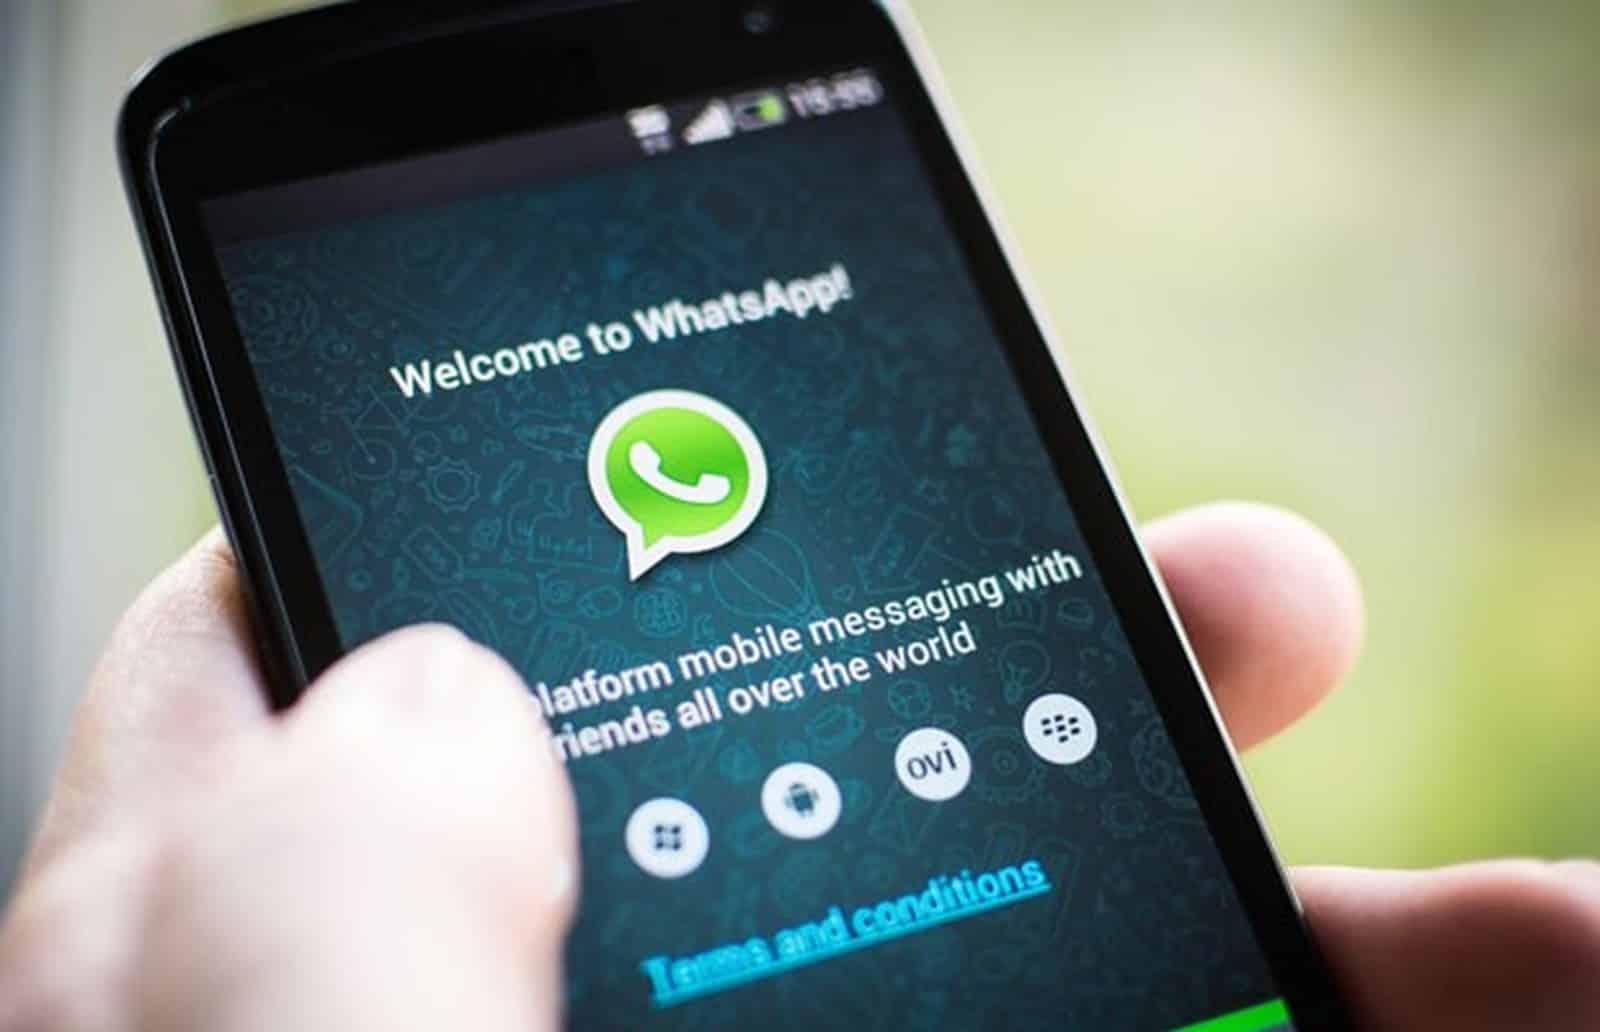 WhatsApp deixará de funcionar em versões antigas de sistemas operacionais Android, iOS e Windows Phone. — Foto: Divulgação/WhatsApp